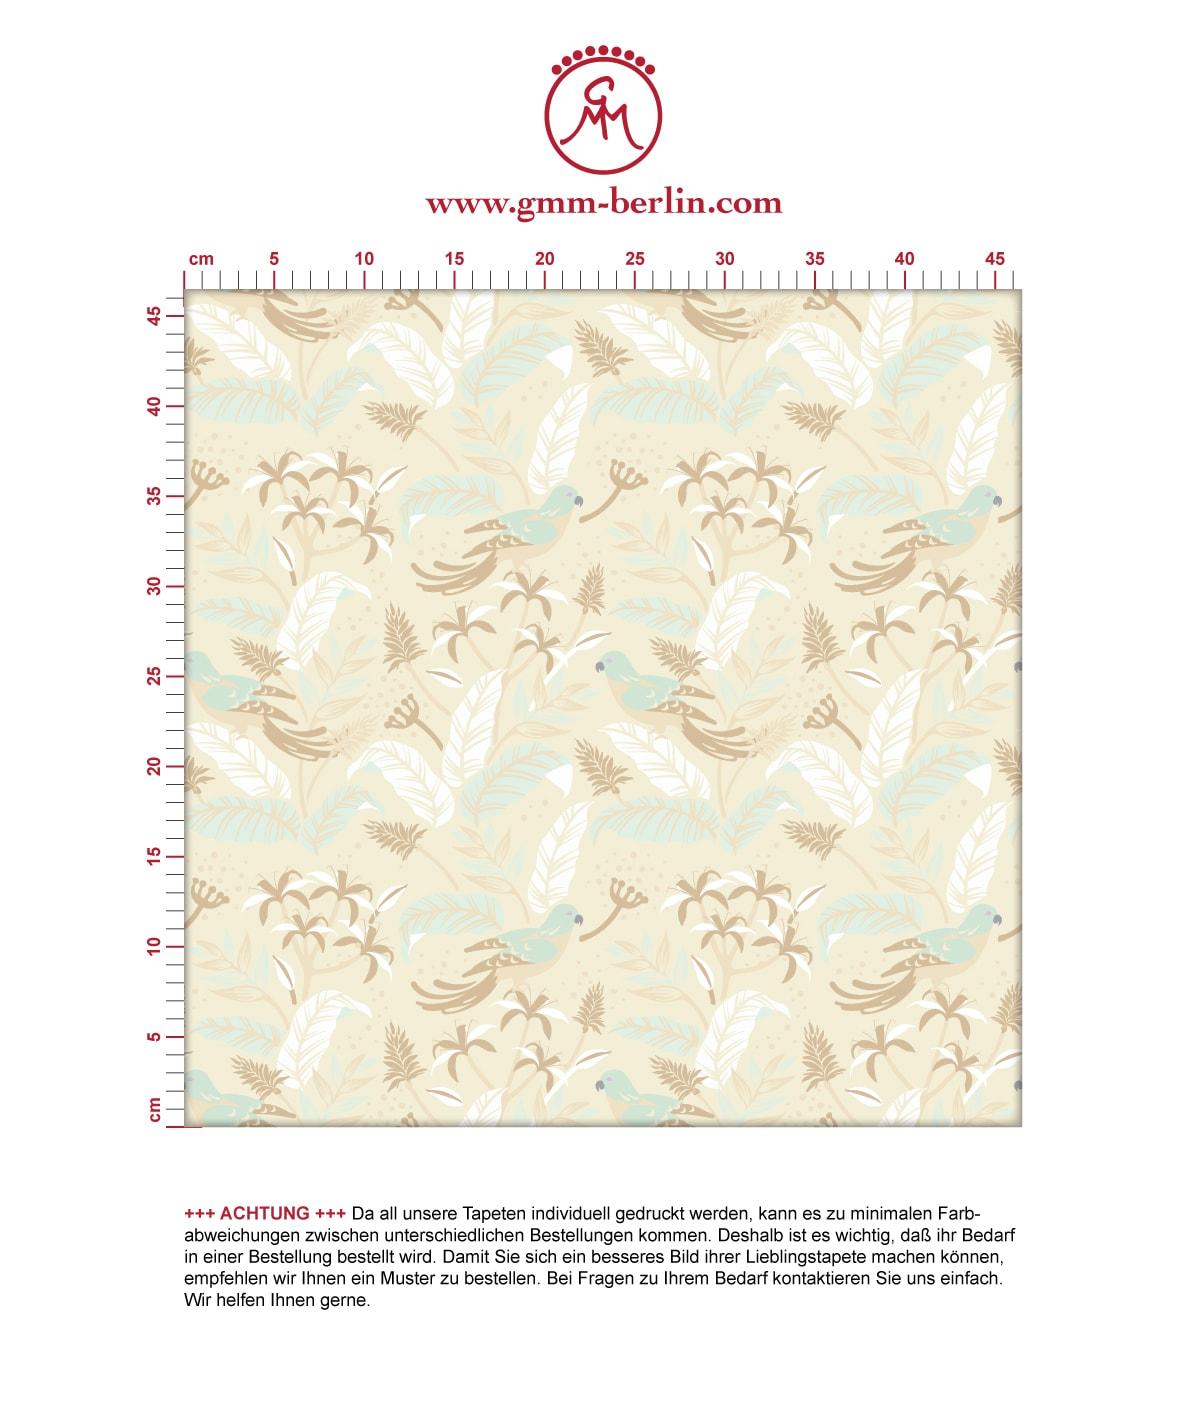 """Dschungel Tapete """"Wild Birds"""" mit tropischen Vögeln, beige Vlies Tapete Wandgestaltung für Küche  2"""